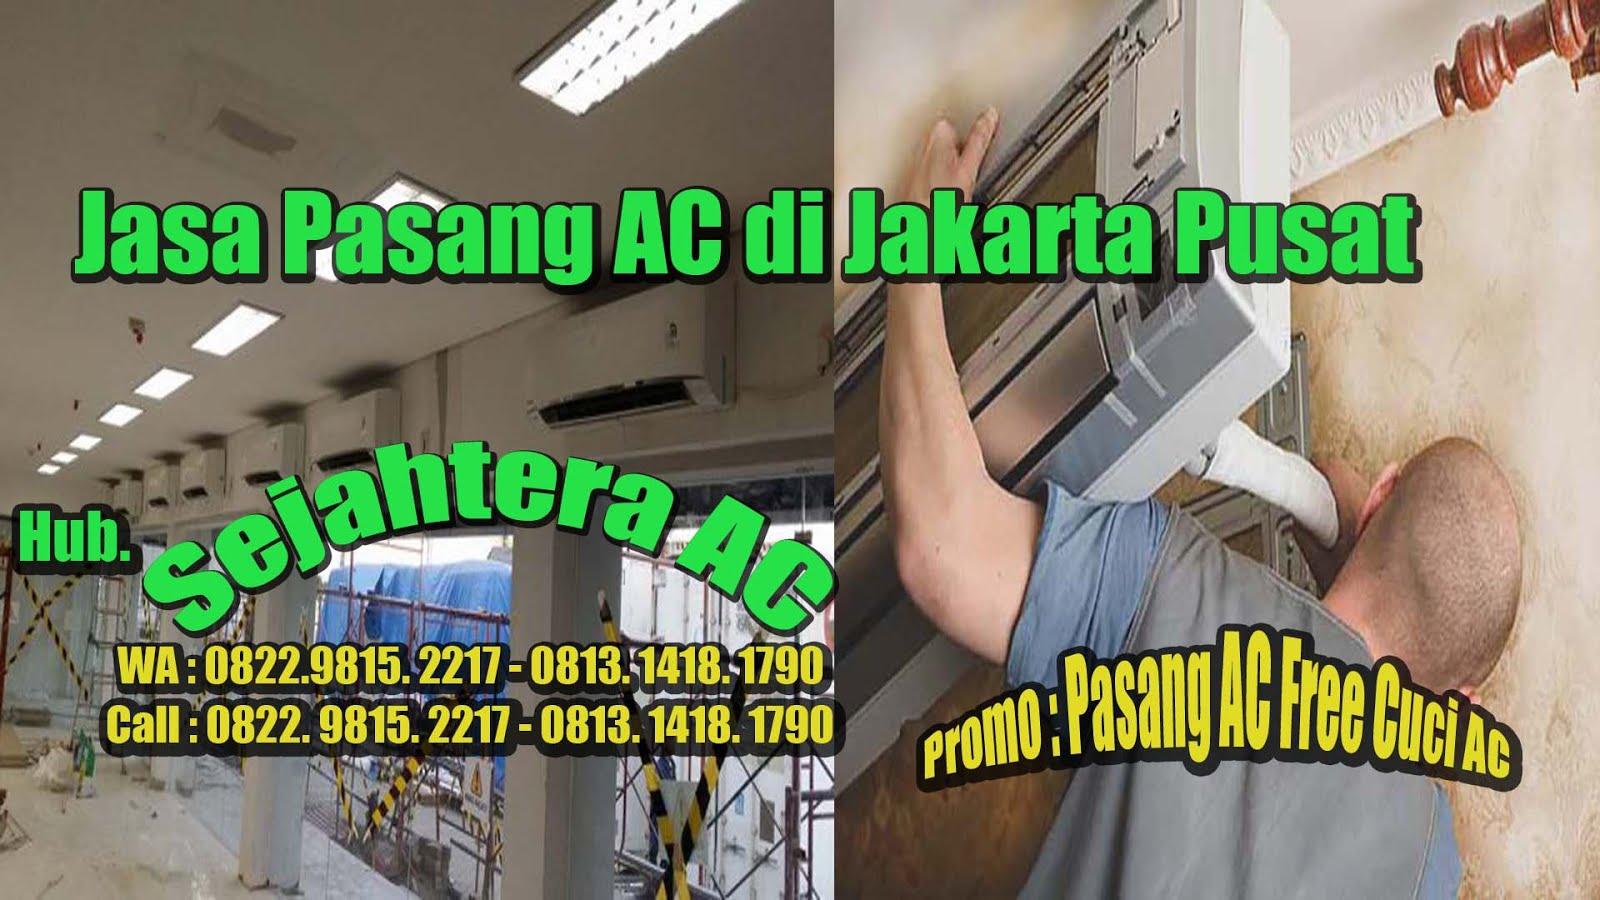 Jasa Pasang AC Di Jakarta Pusat